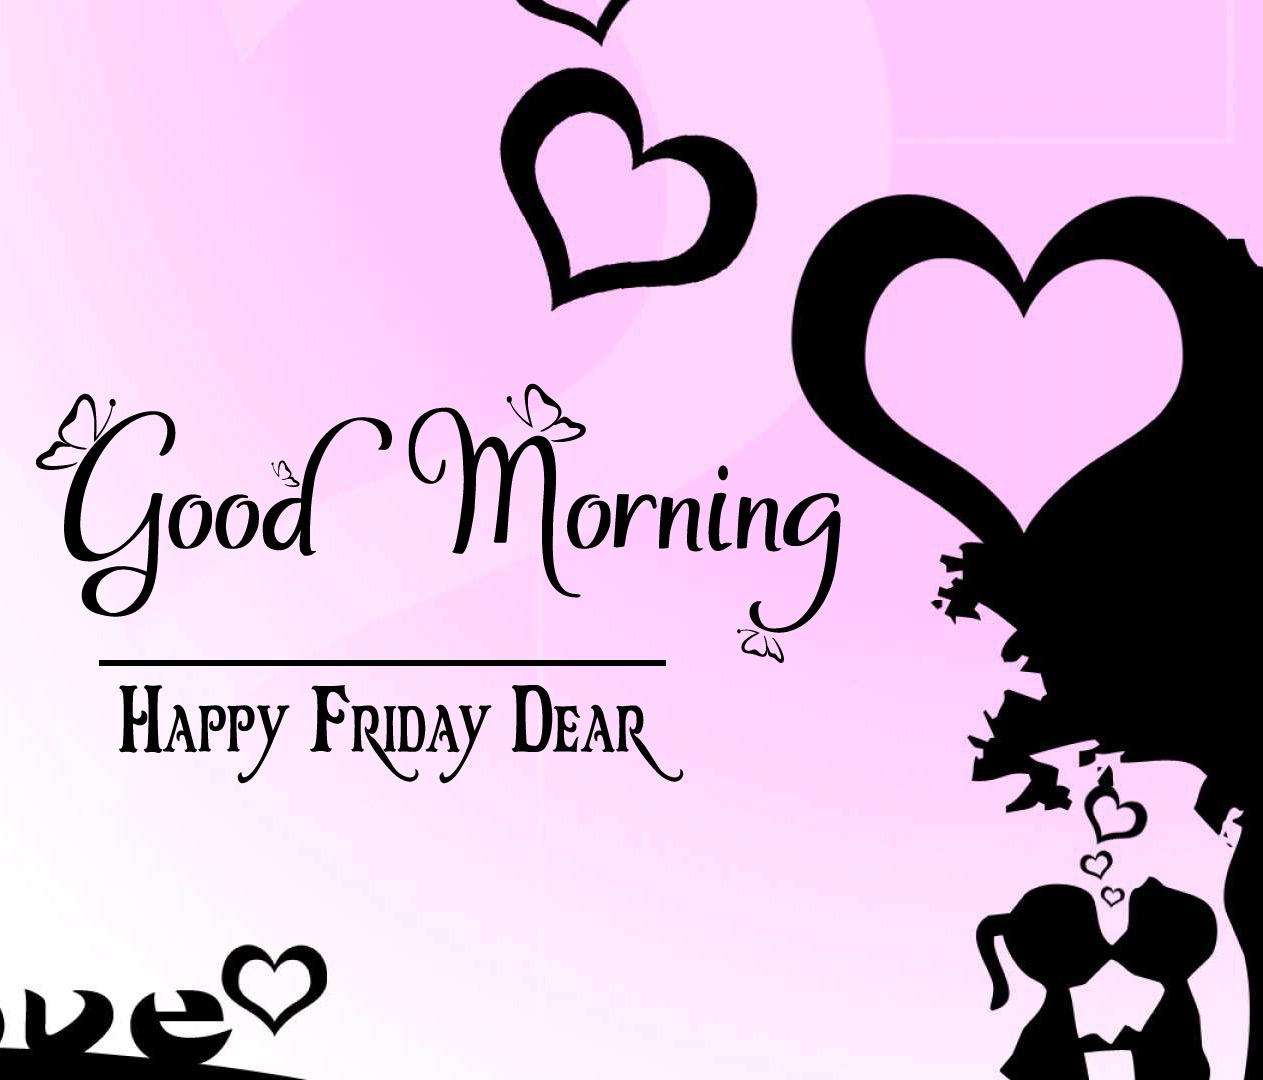 Good Morning Wishes Image 10